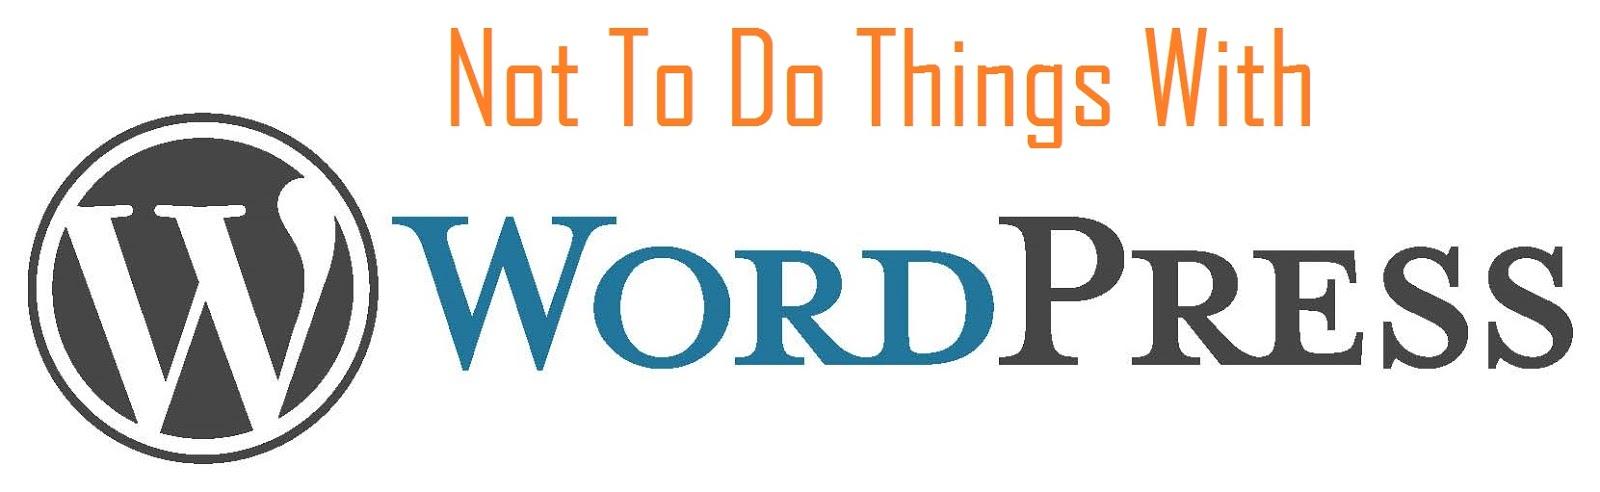 Chú ý khi xây dựng blog wordpress